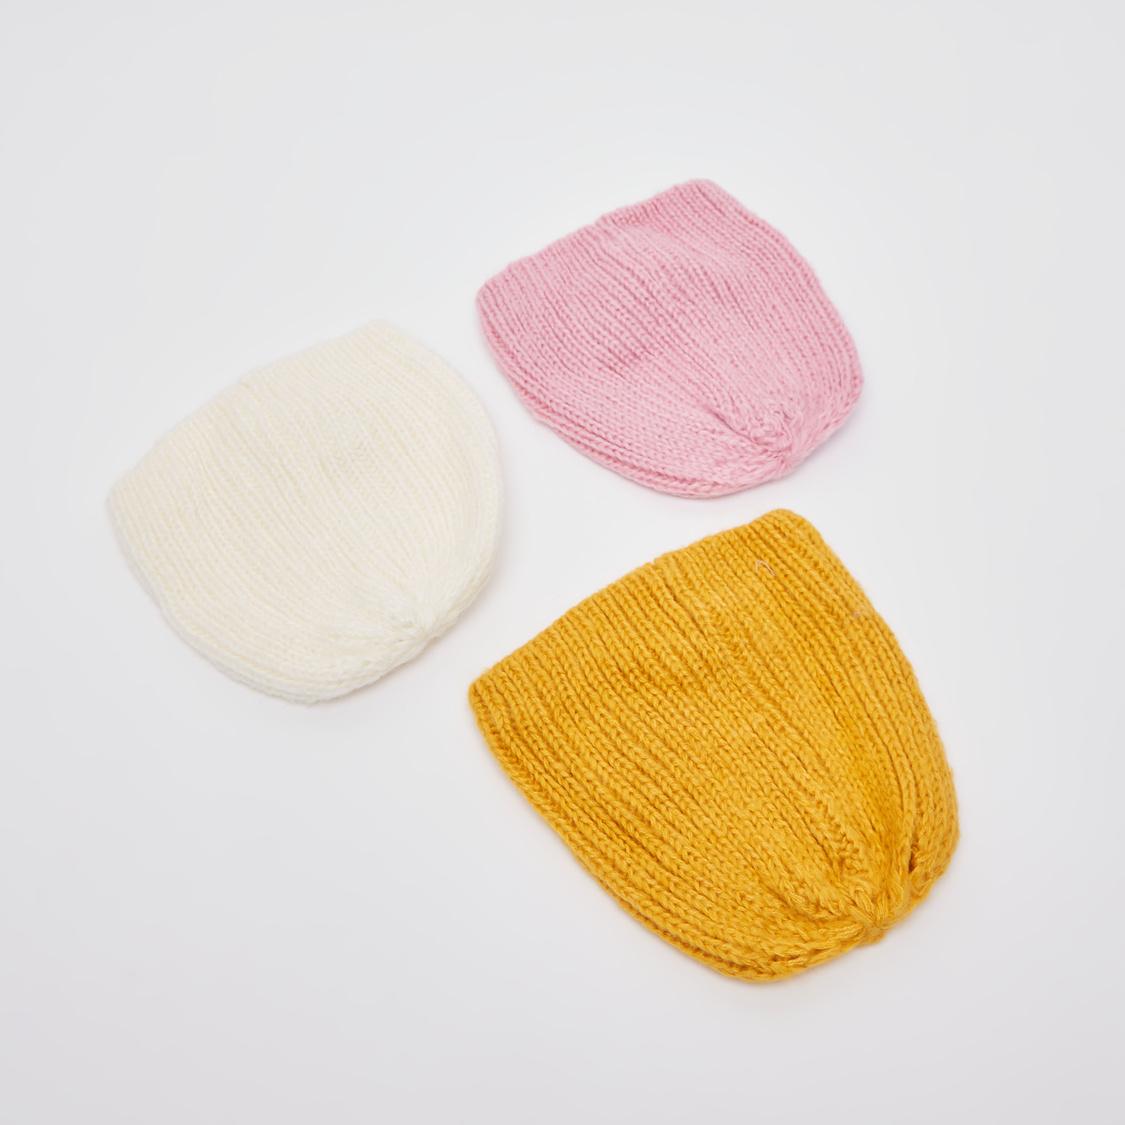 قبعة بيني بارزة الملمس بزخرفة فيونكة - طقم من 3 قطعتين